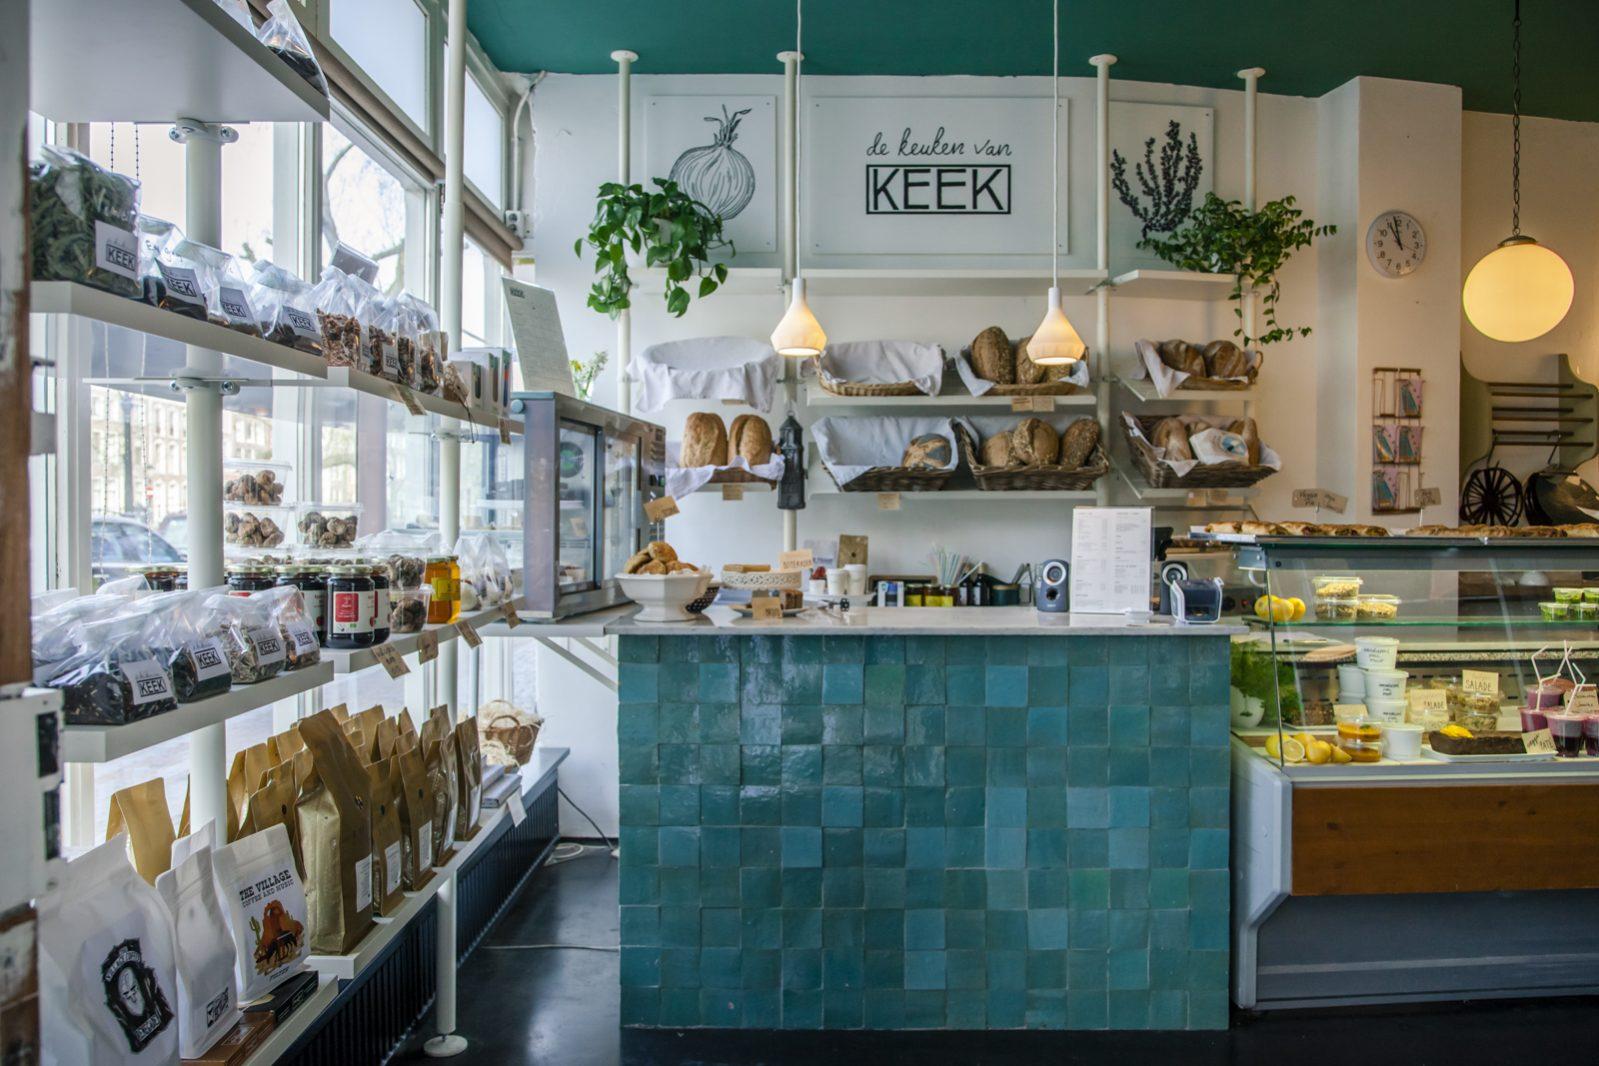 De Keuken Utrecht : Maria zwart van keek ik ben lang te bescheiden geweest de